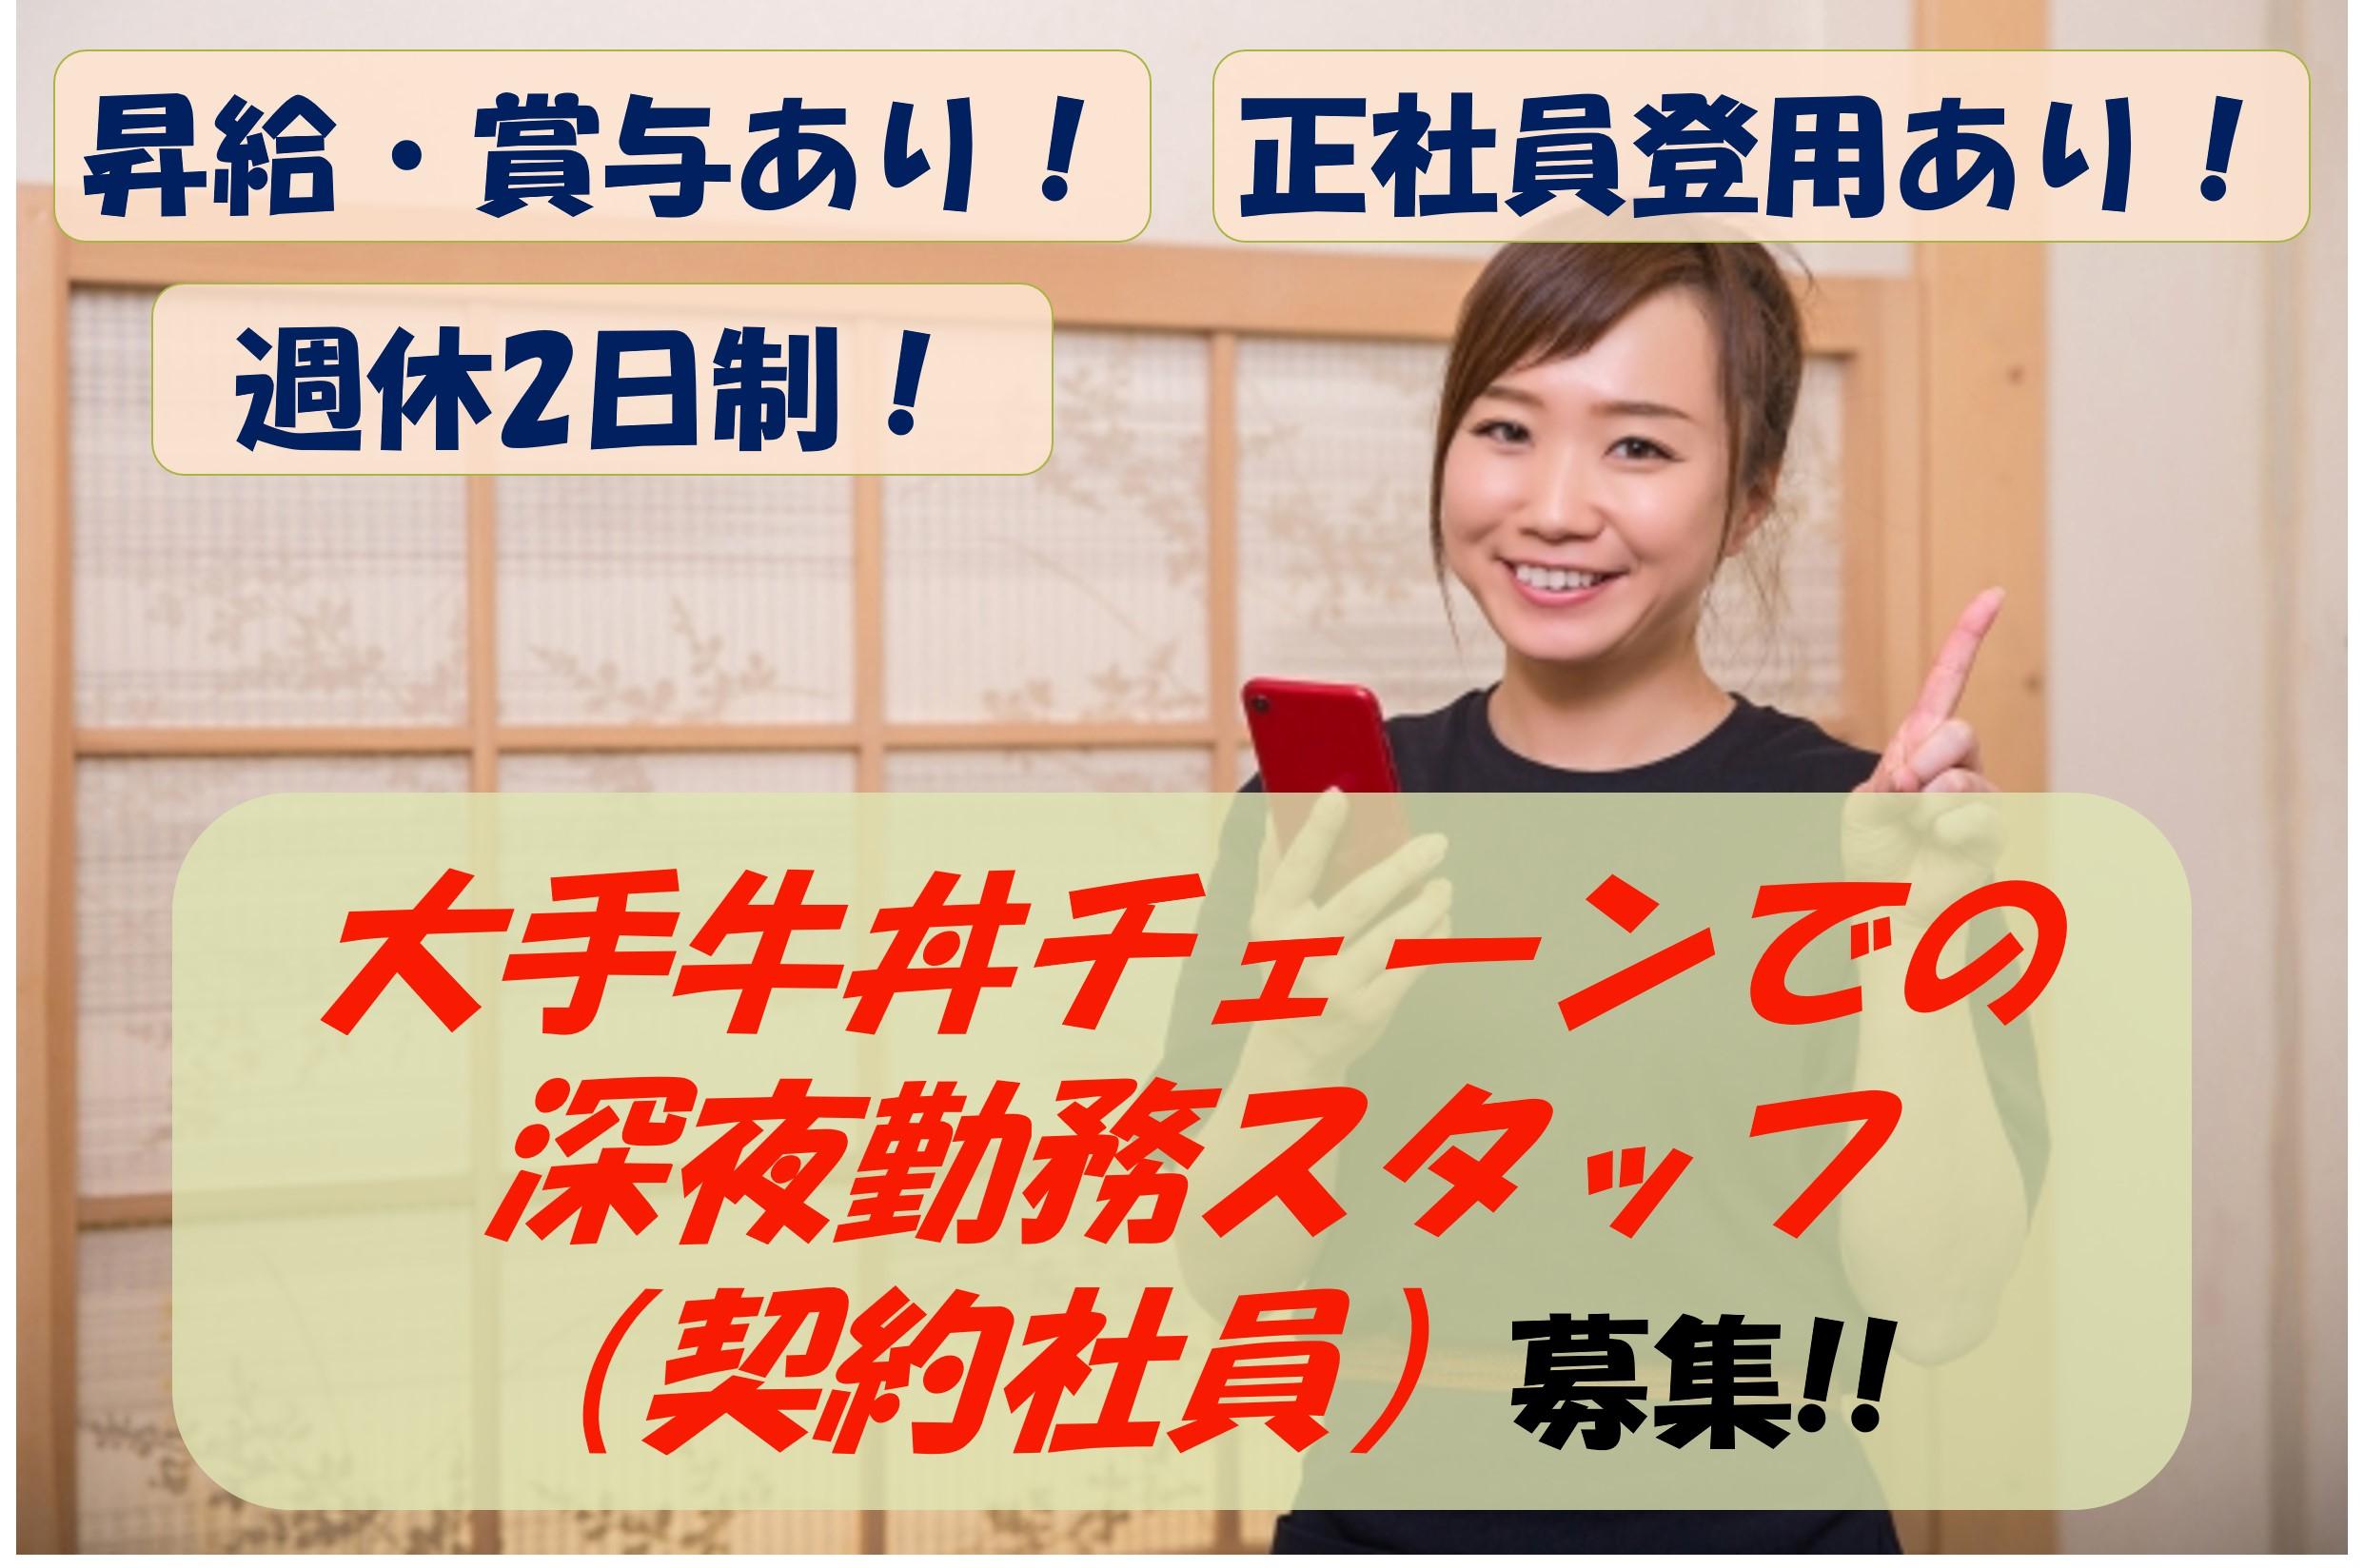 【急募】年間休日122日!正社員登用あり!牛丼屋の深夜勤務スタッフ募集 イメージ